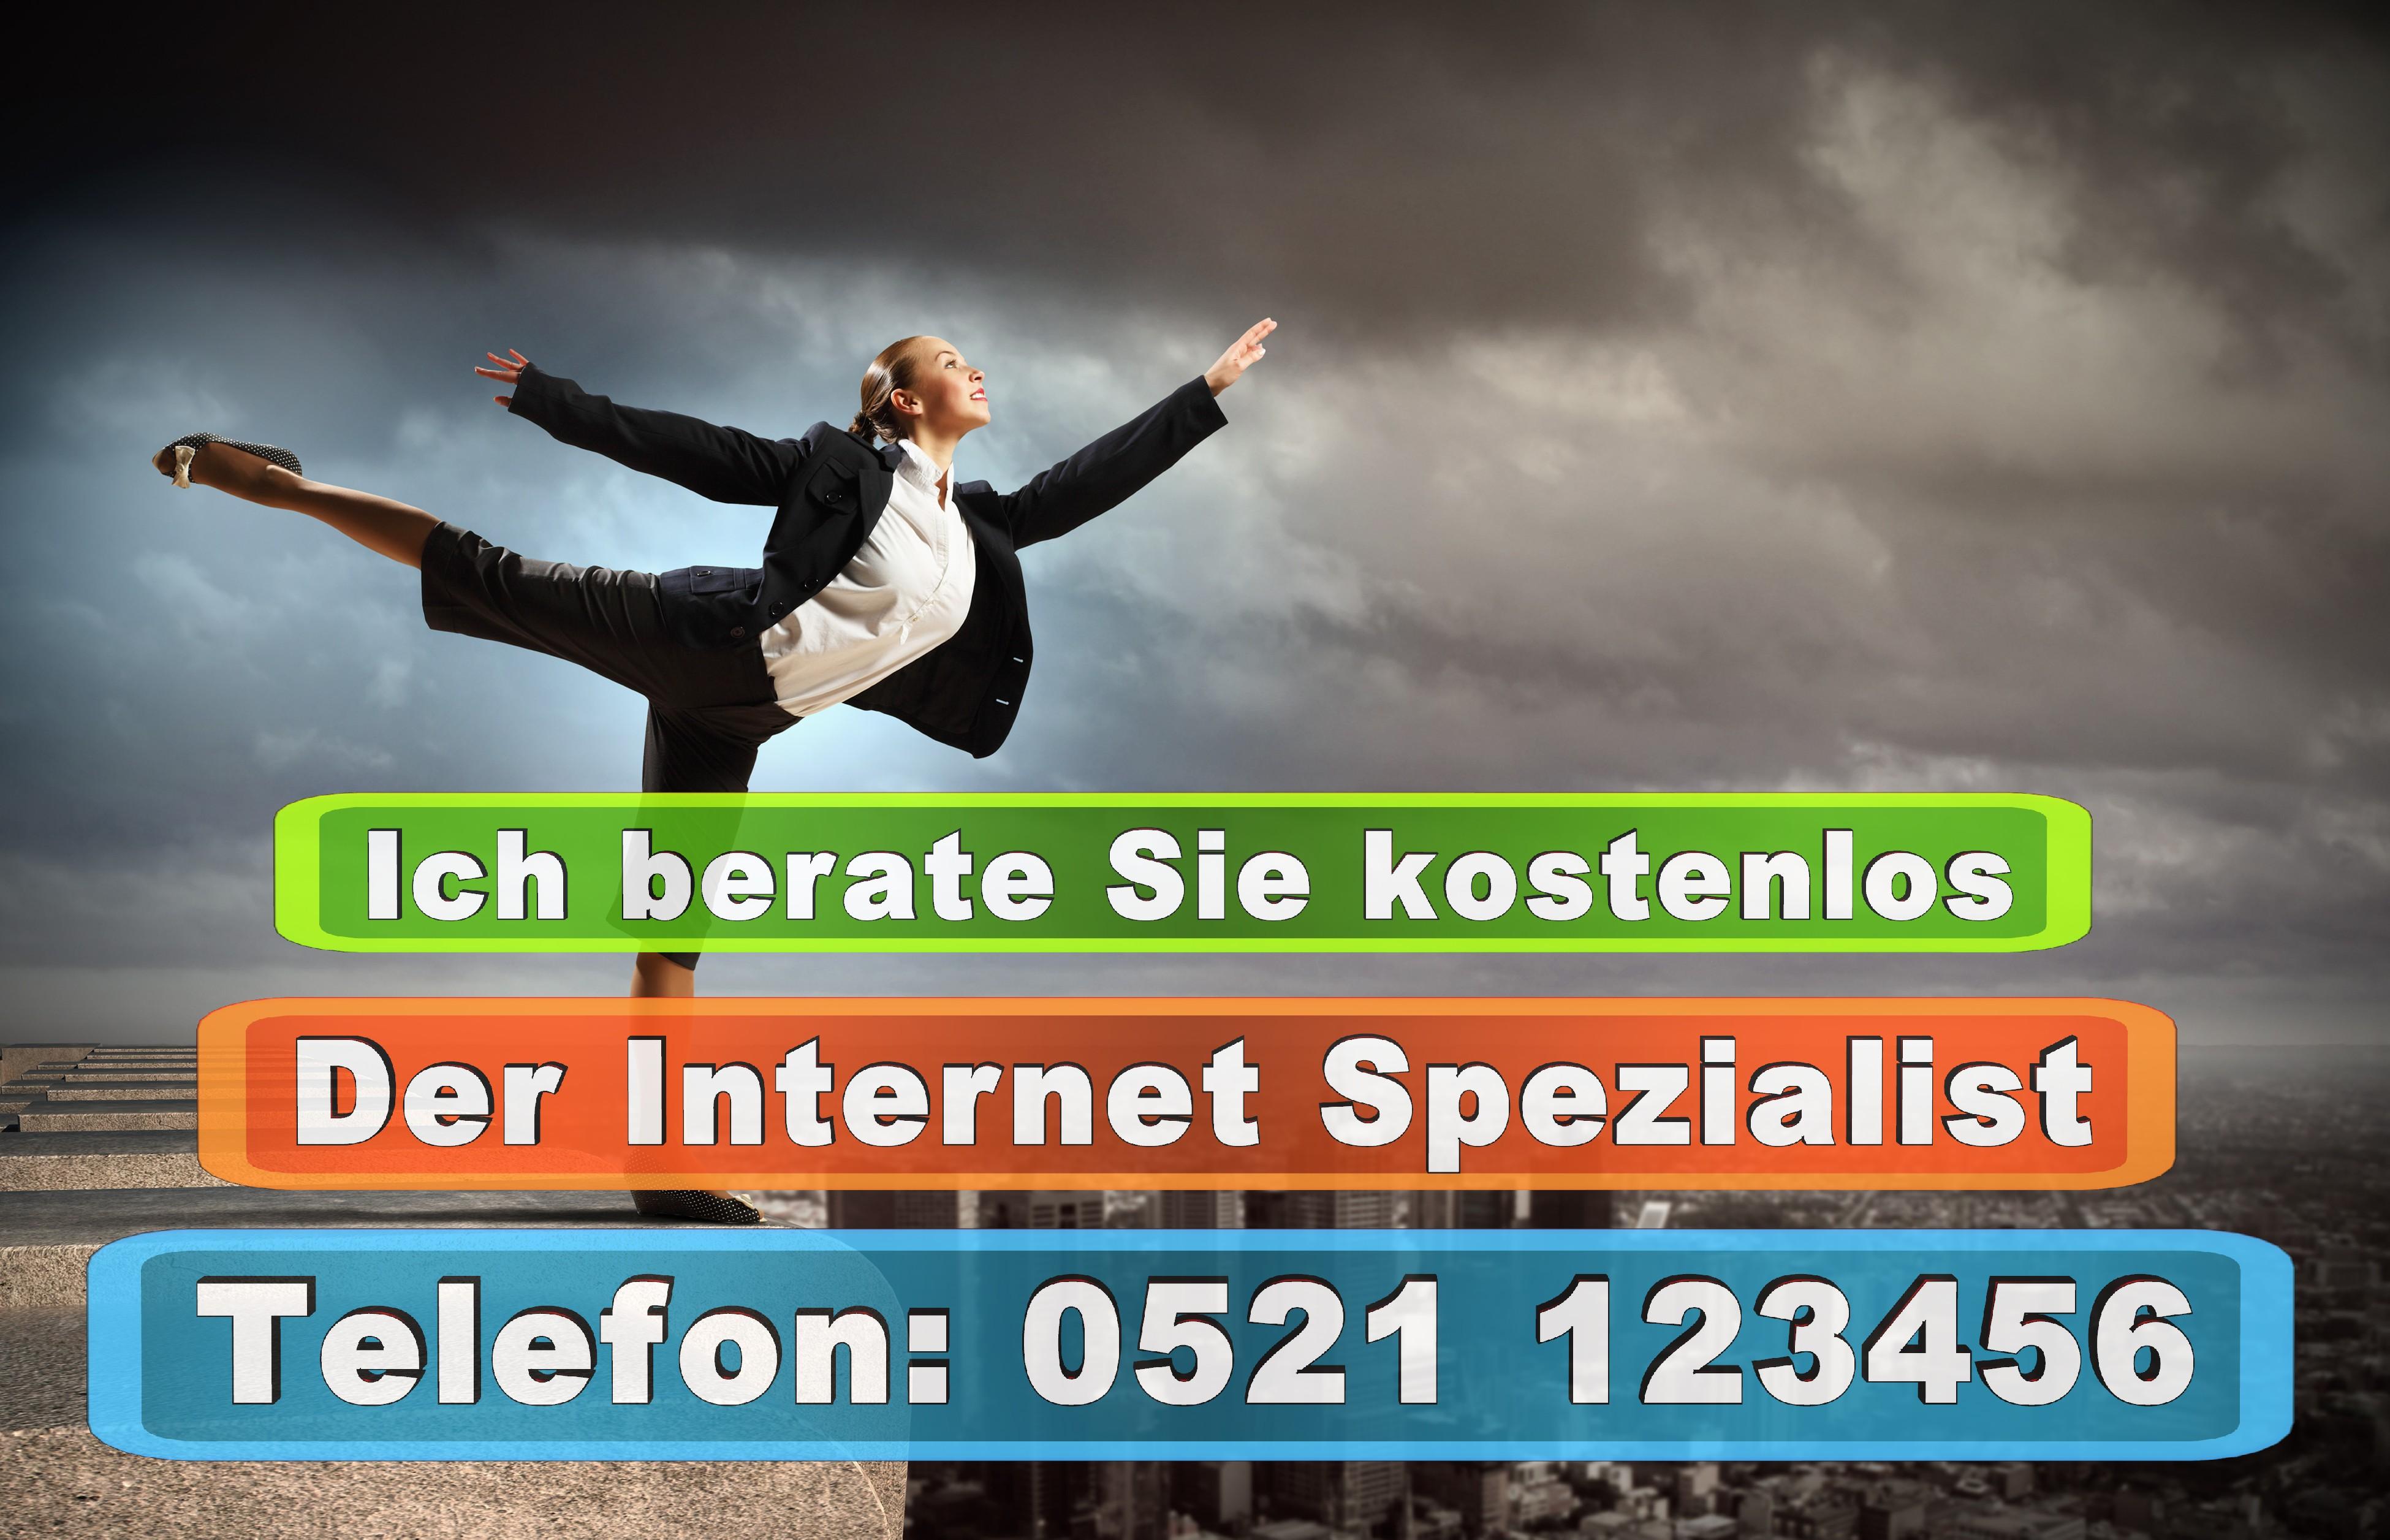 Bielefeld Werbeagenturen Druckereien Werbeplakate Print Druck Internet Computer Grafiker Designer Mode Geschäfte Bekleidung (14)